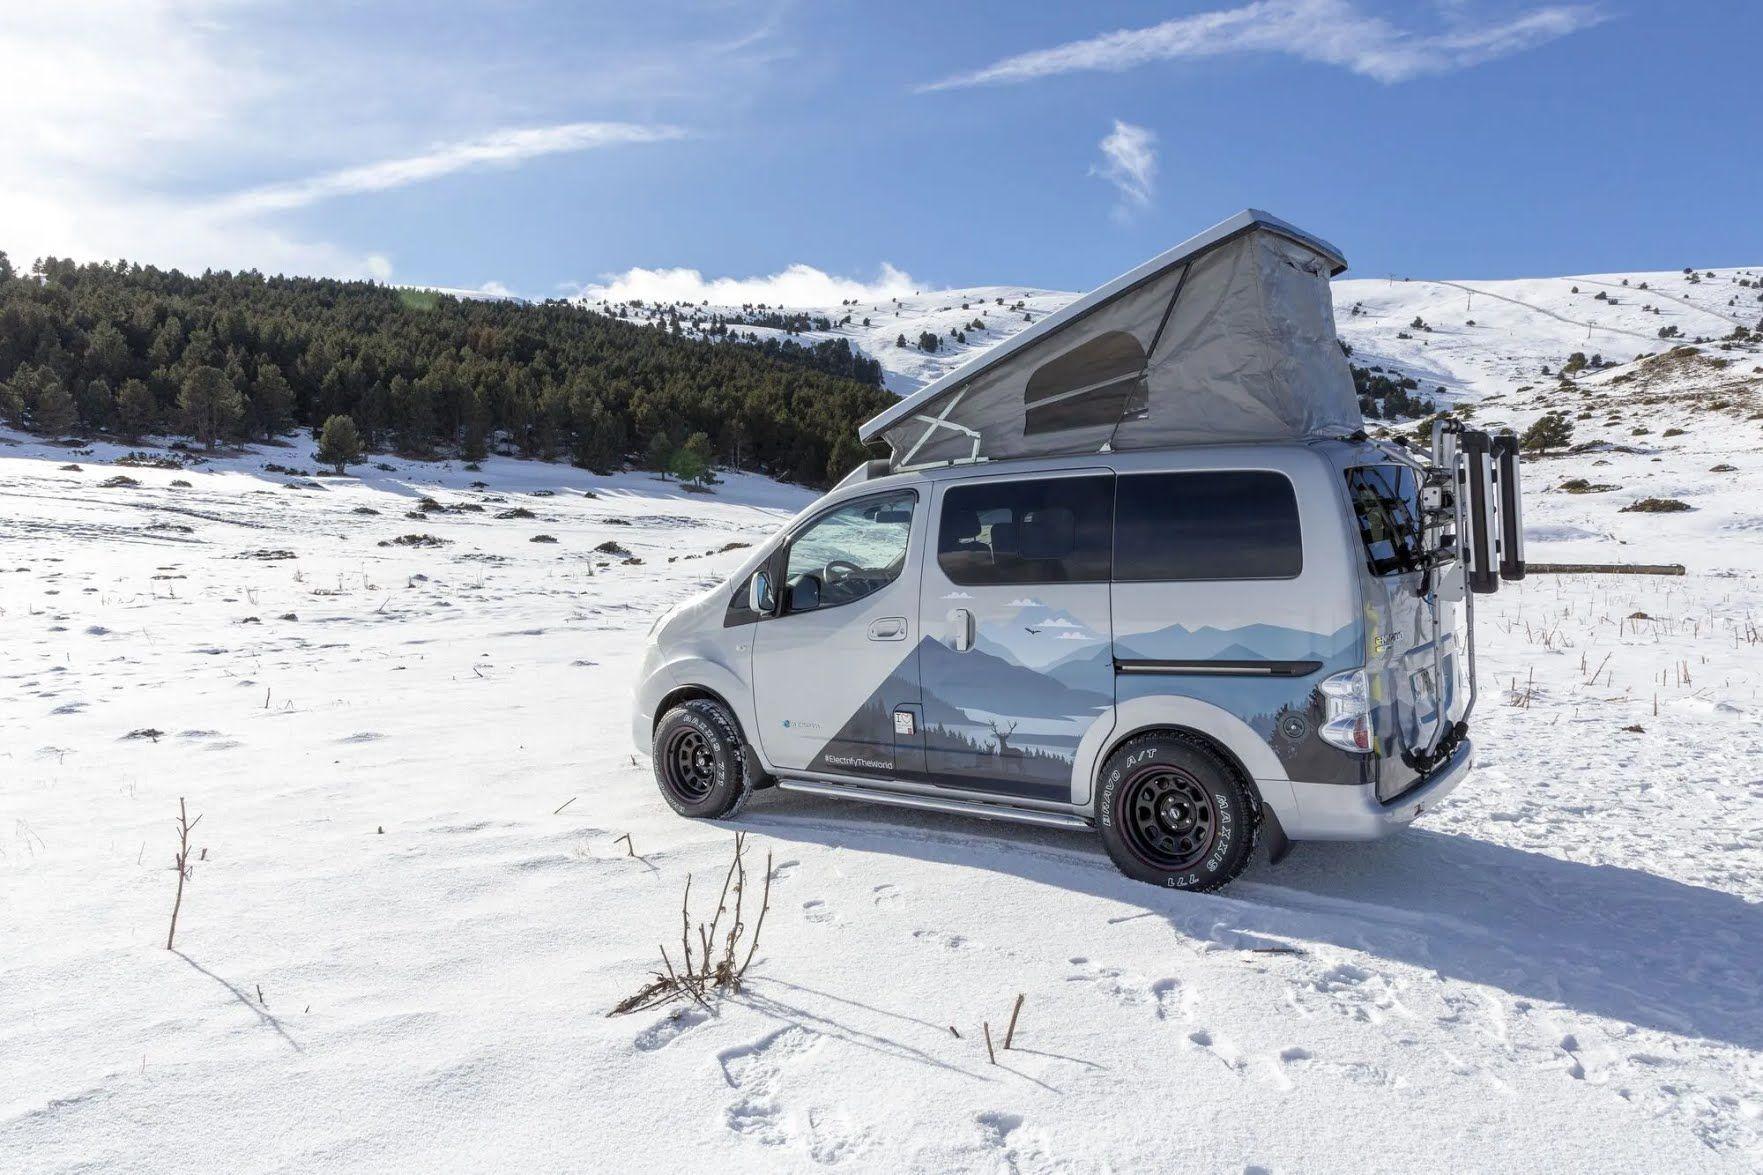 Электромобиль оснащен мотором мощностью 80 кВт и может преодолеть до 275 км